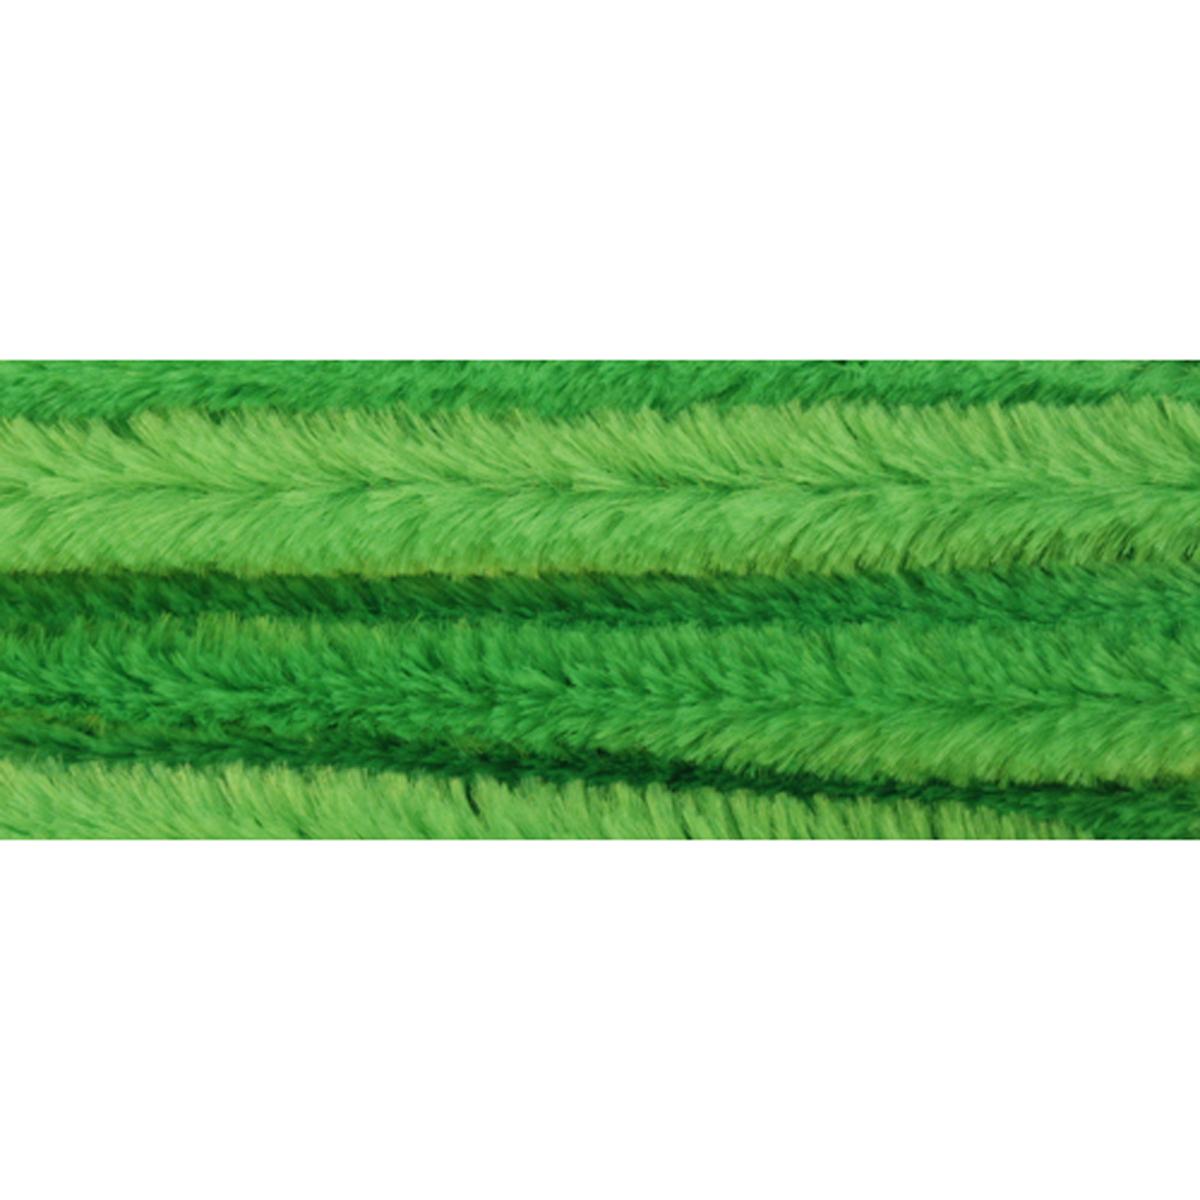 Синель-проволока Астра, цвет: зеленый, 12 мм х 30 см, 15 шт7708693_ A-015 зеленыйИз пушистой проволоки можно мастерить разные поделки - плоские и объемные. Такая проволока послужит практичным материалом в валянии и изготовлении игрушек.